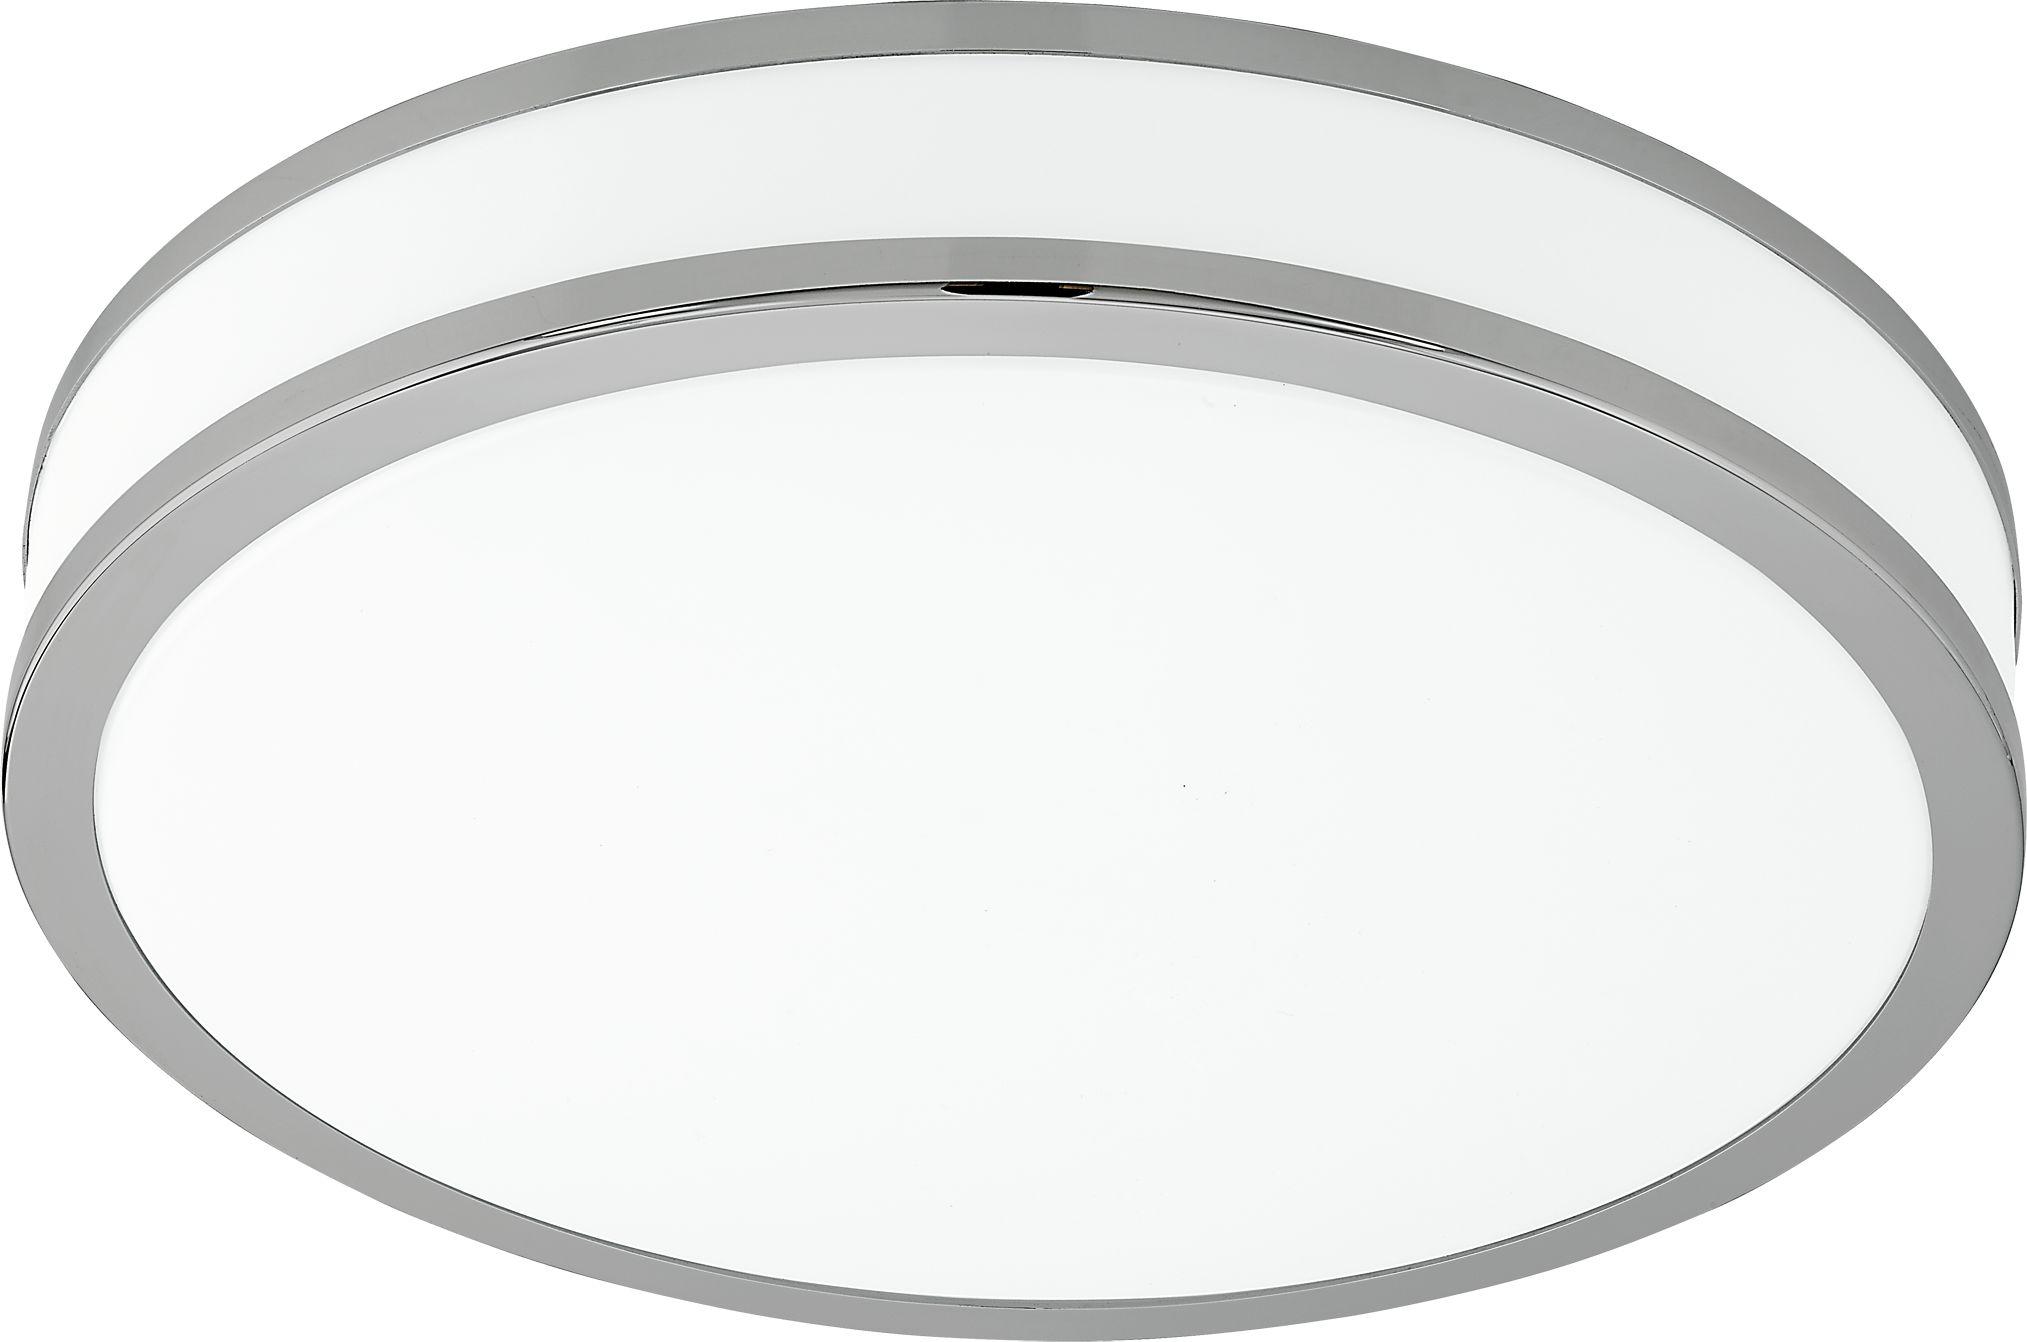 Eglo plafon, lampa sufitowa LED Palermo 2 95682 - SUPER OFERTA - RABAT w koszyku